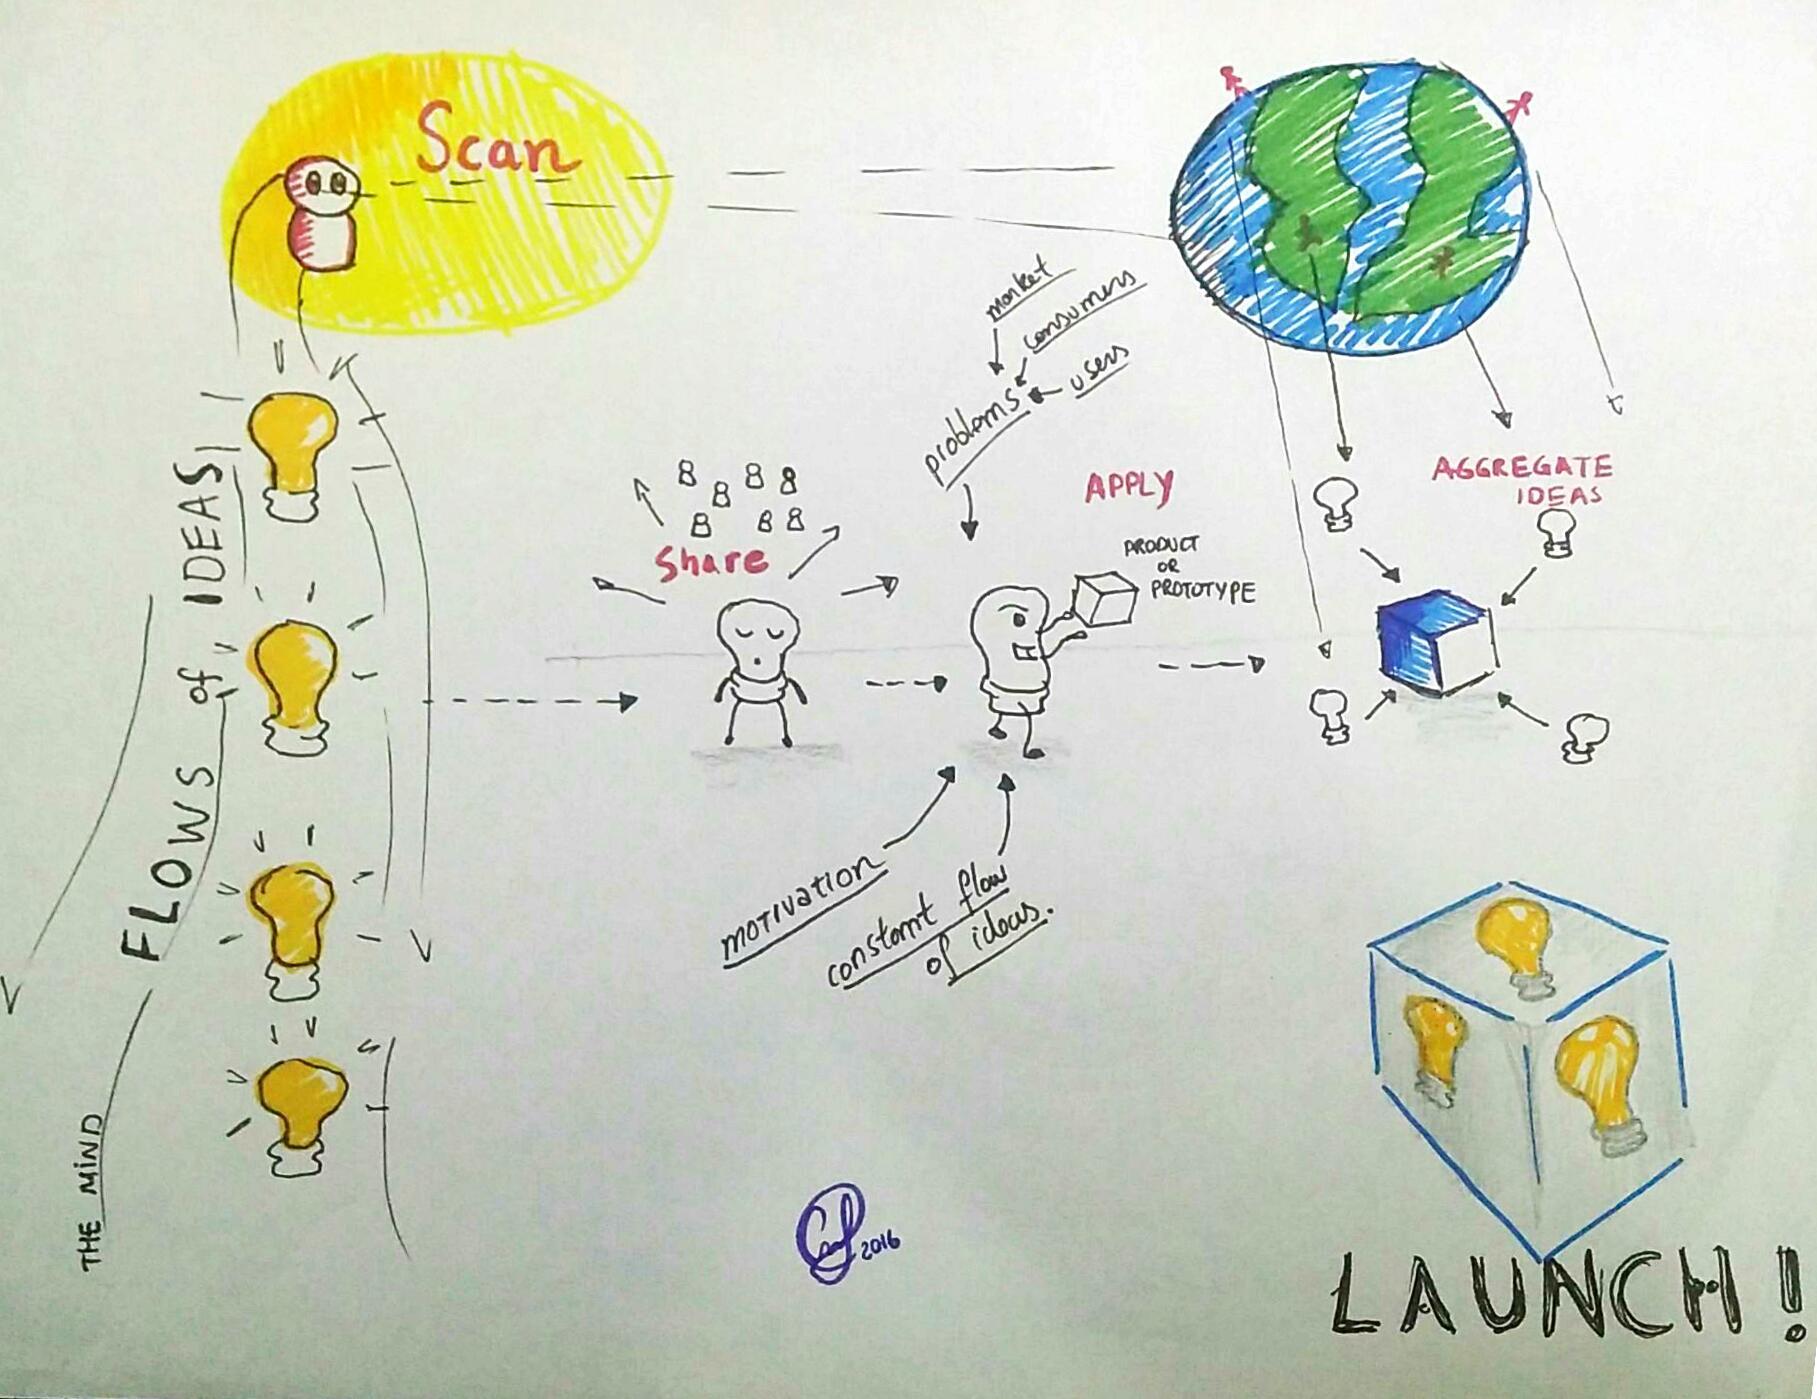 Figura representando um processo de geração e aprimoramento de ideias